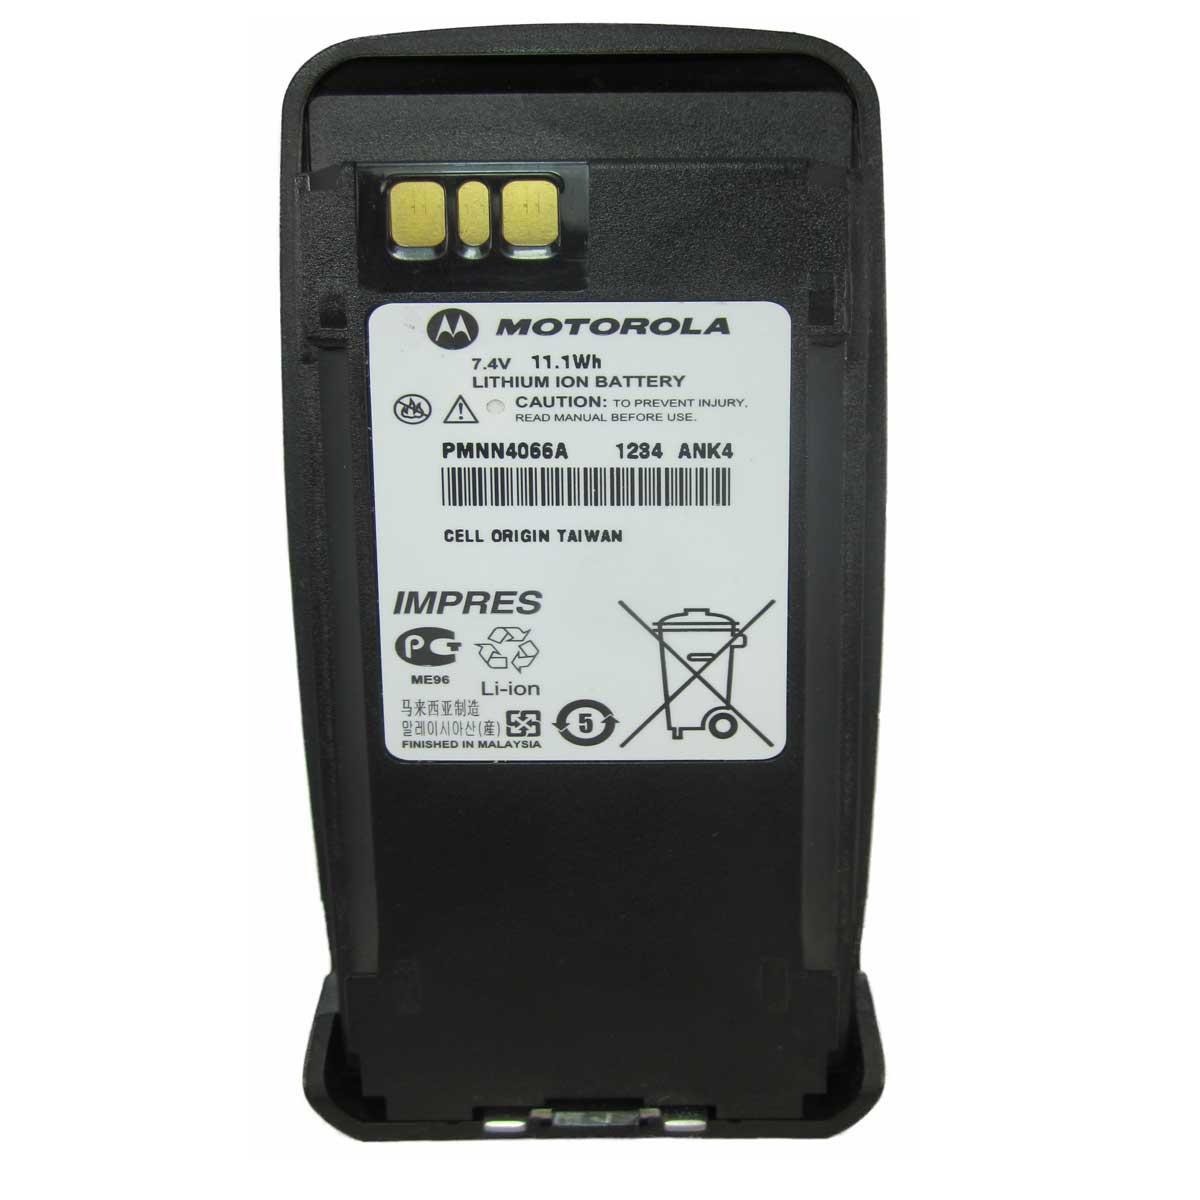 Batería Motorola Li-Ion 1600 mAh para radio DGP4150 y DGP6150 PMNN4066A